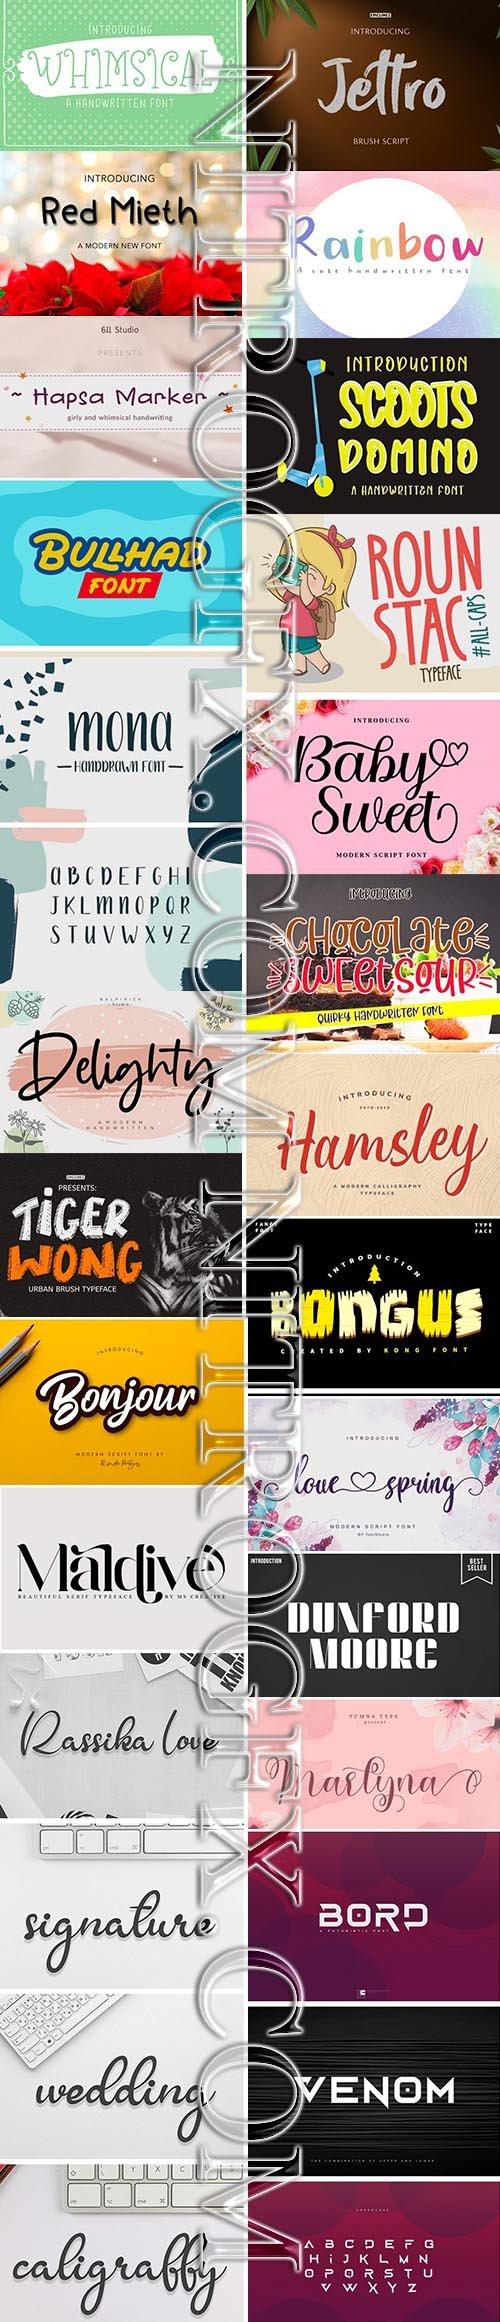 Big Super Fonts Pack 2020 Vol 2